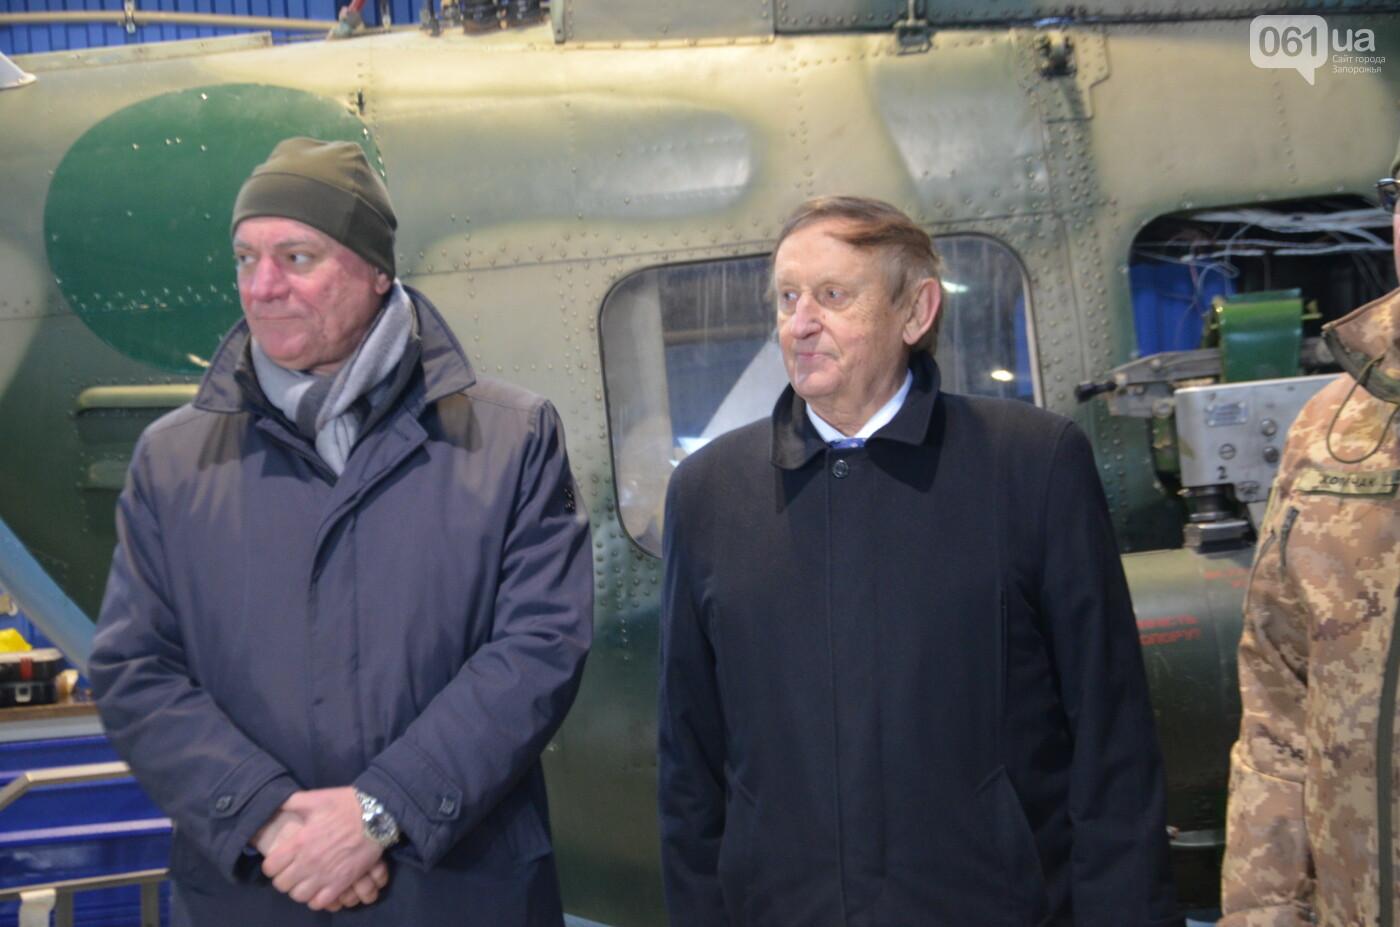 В Запорожье прошли первые испытания новых лопастей для военных вертолетов, - ФОТО, фото-6